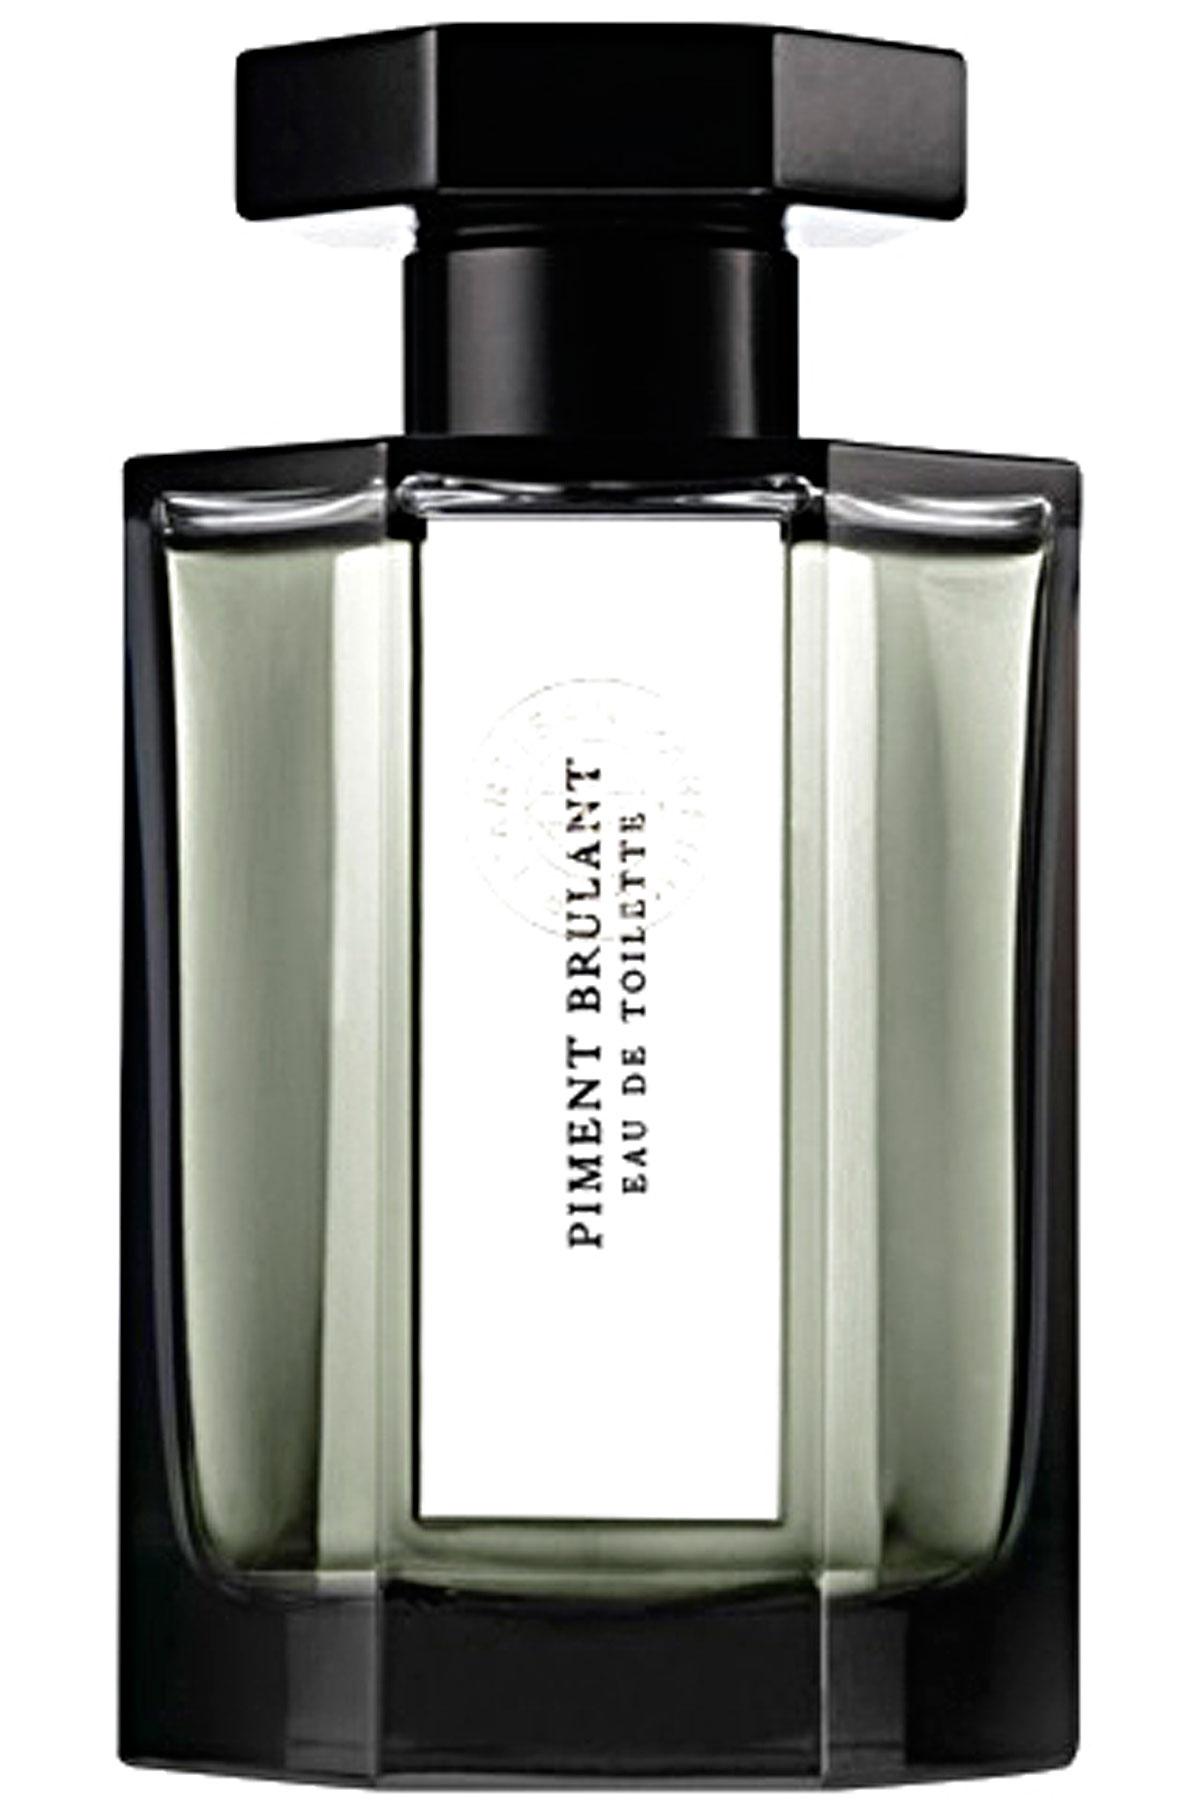 Artisan Parfumeur Fragrances for Women, Piment Brulant - Eau De Toilette - 100 Ml, 2019, 100 ml